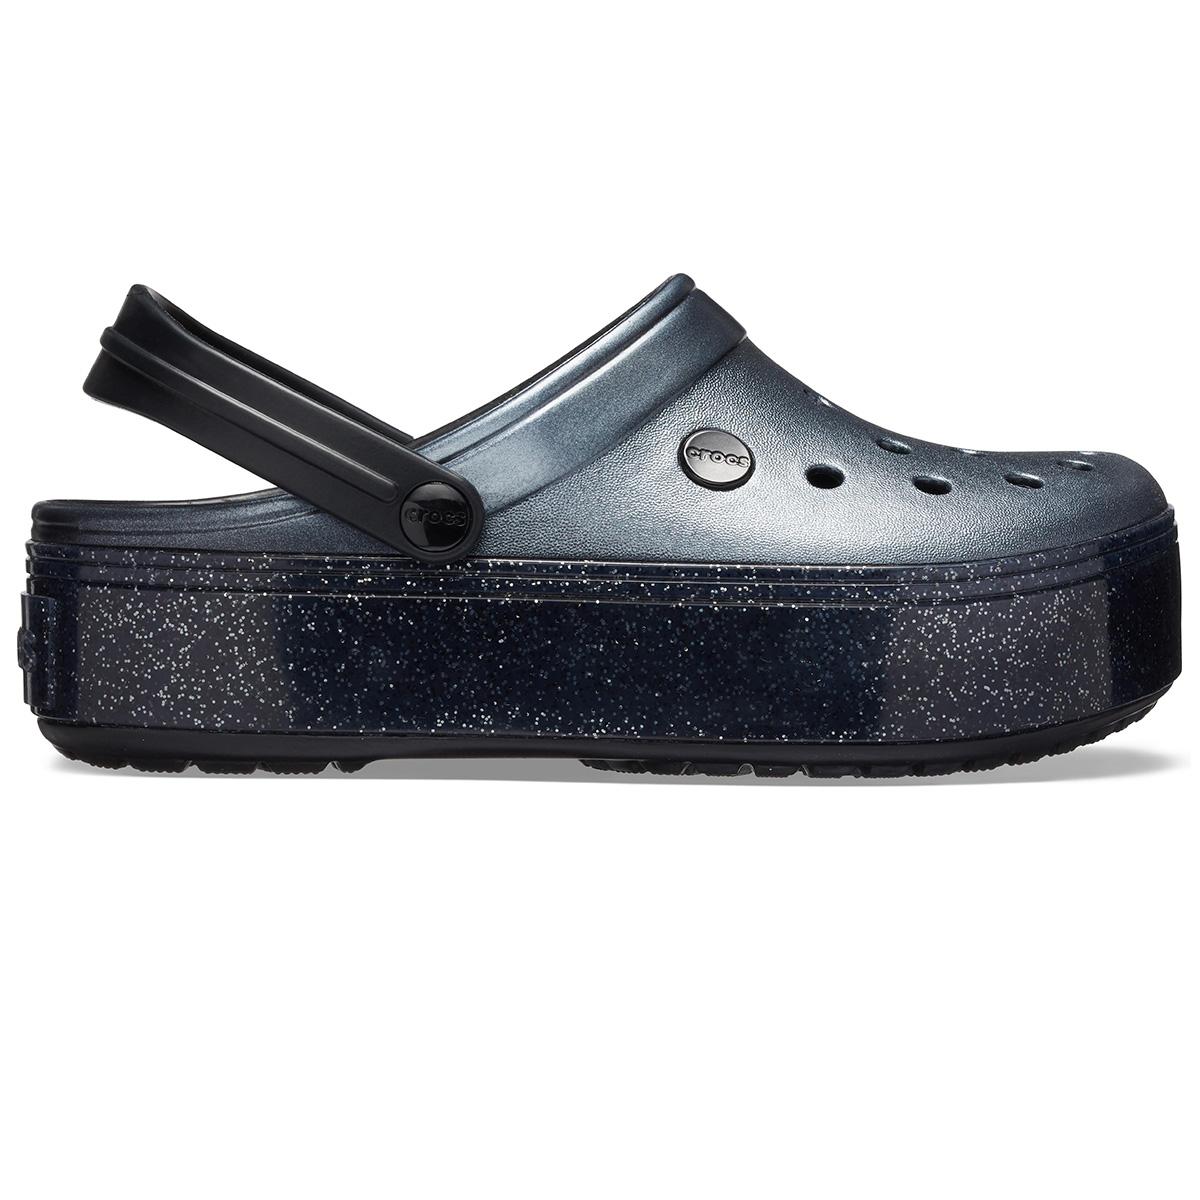 Crocband Platform Metallic Clg - Metalik Siyah